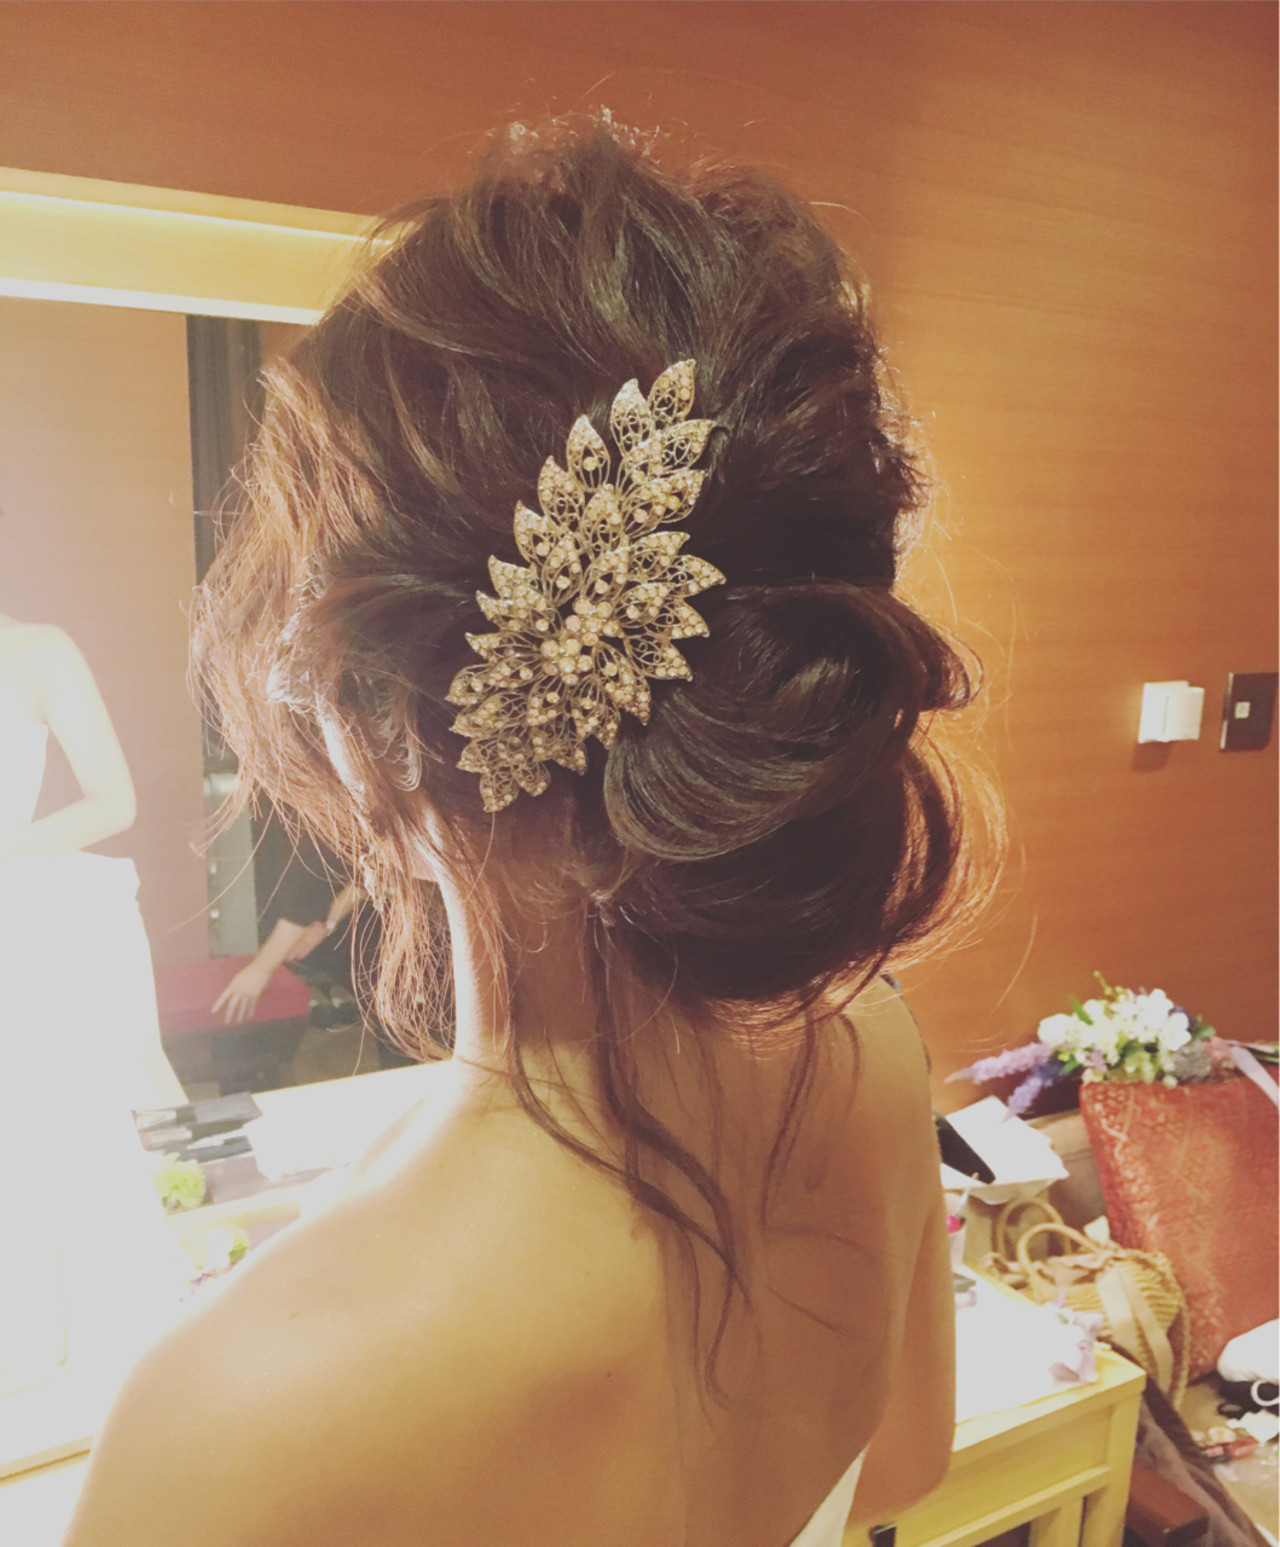 ウエディングドレス向けヘアスタイル♡人生で1番美しい私になれる髪型10選 稲垣 嘉乃